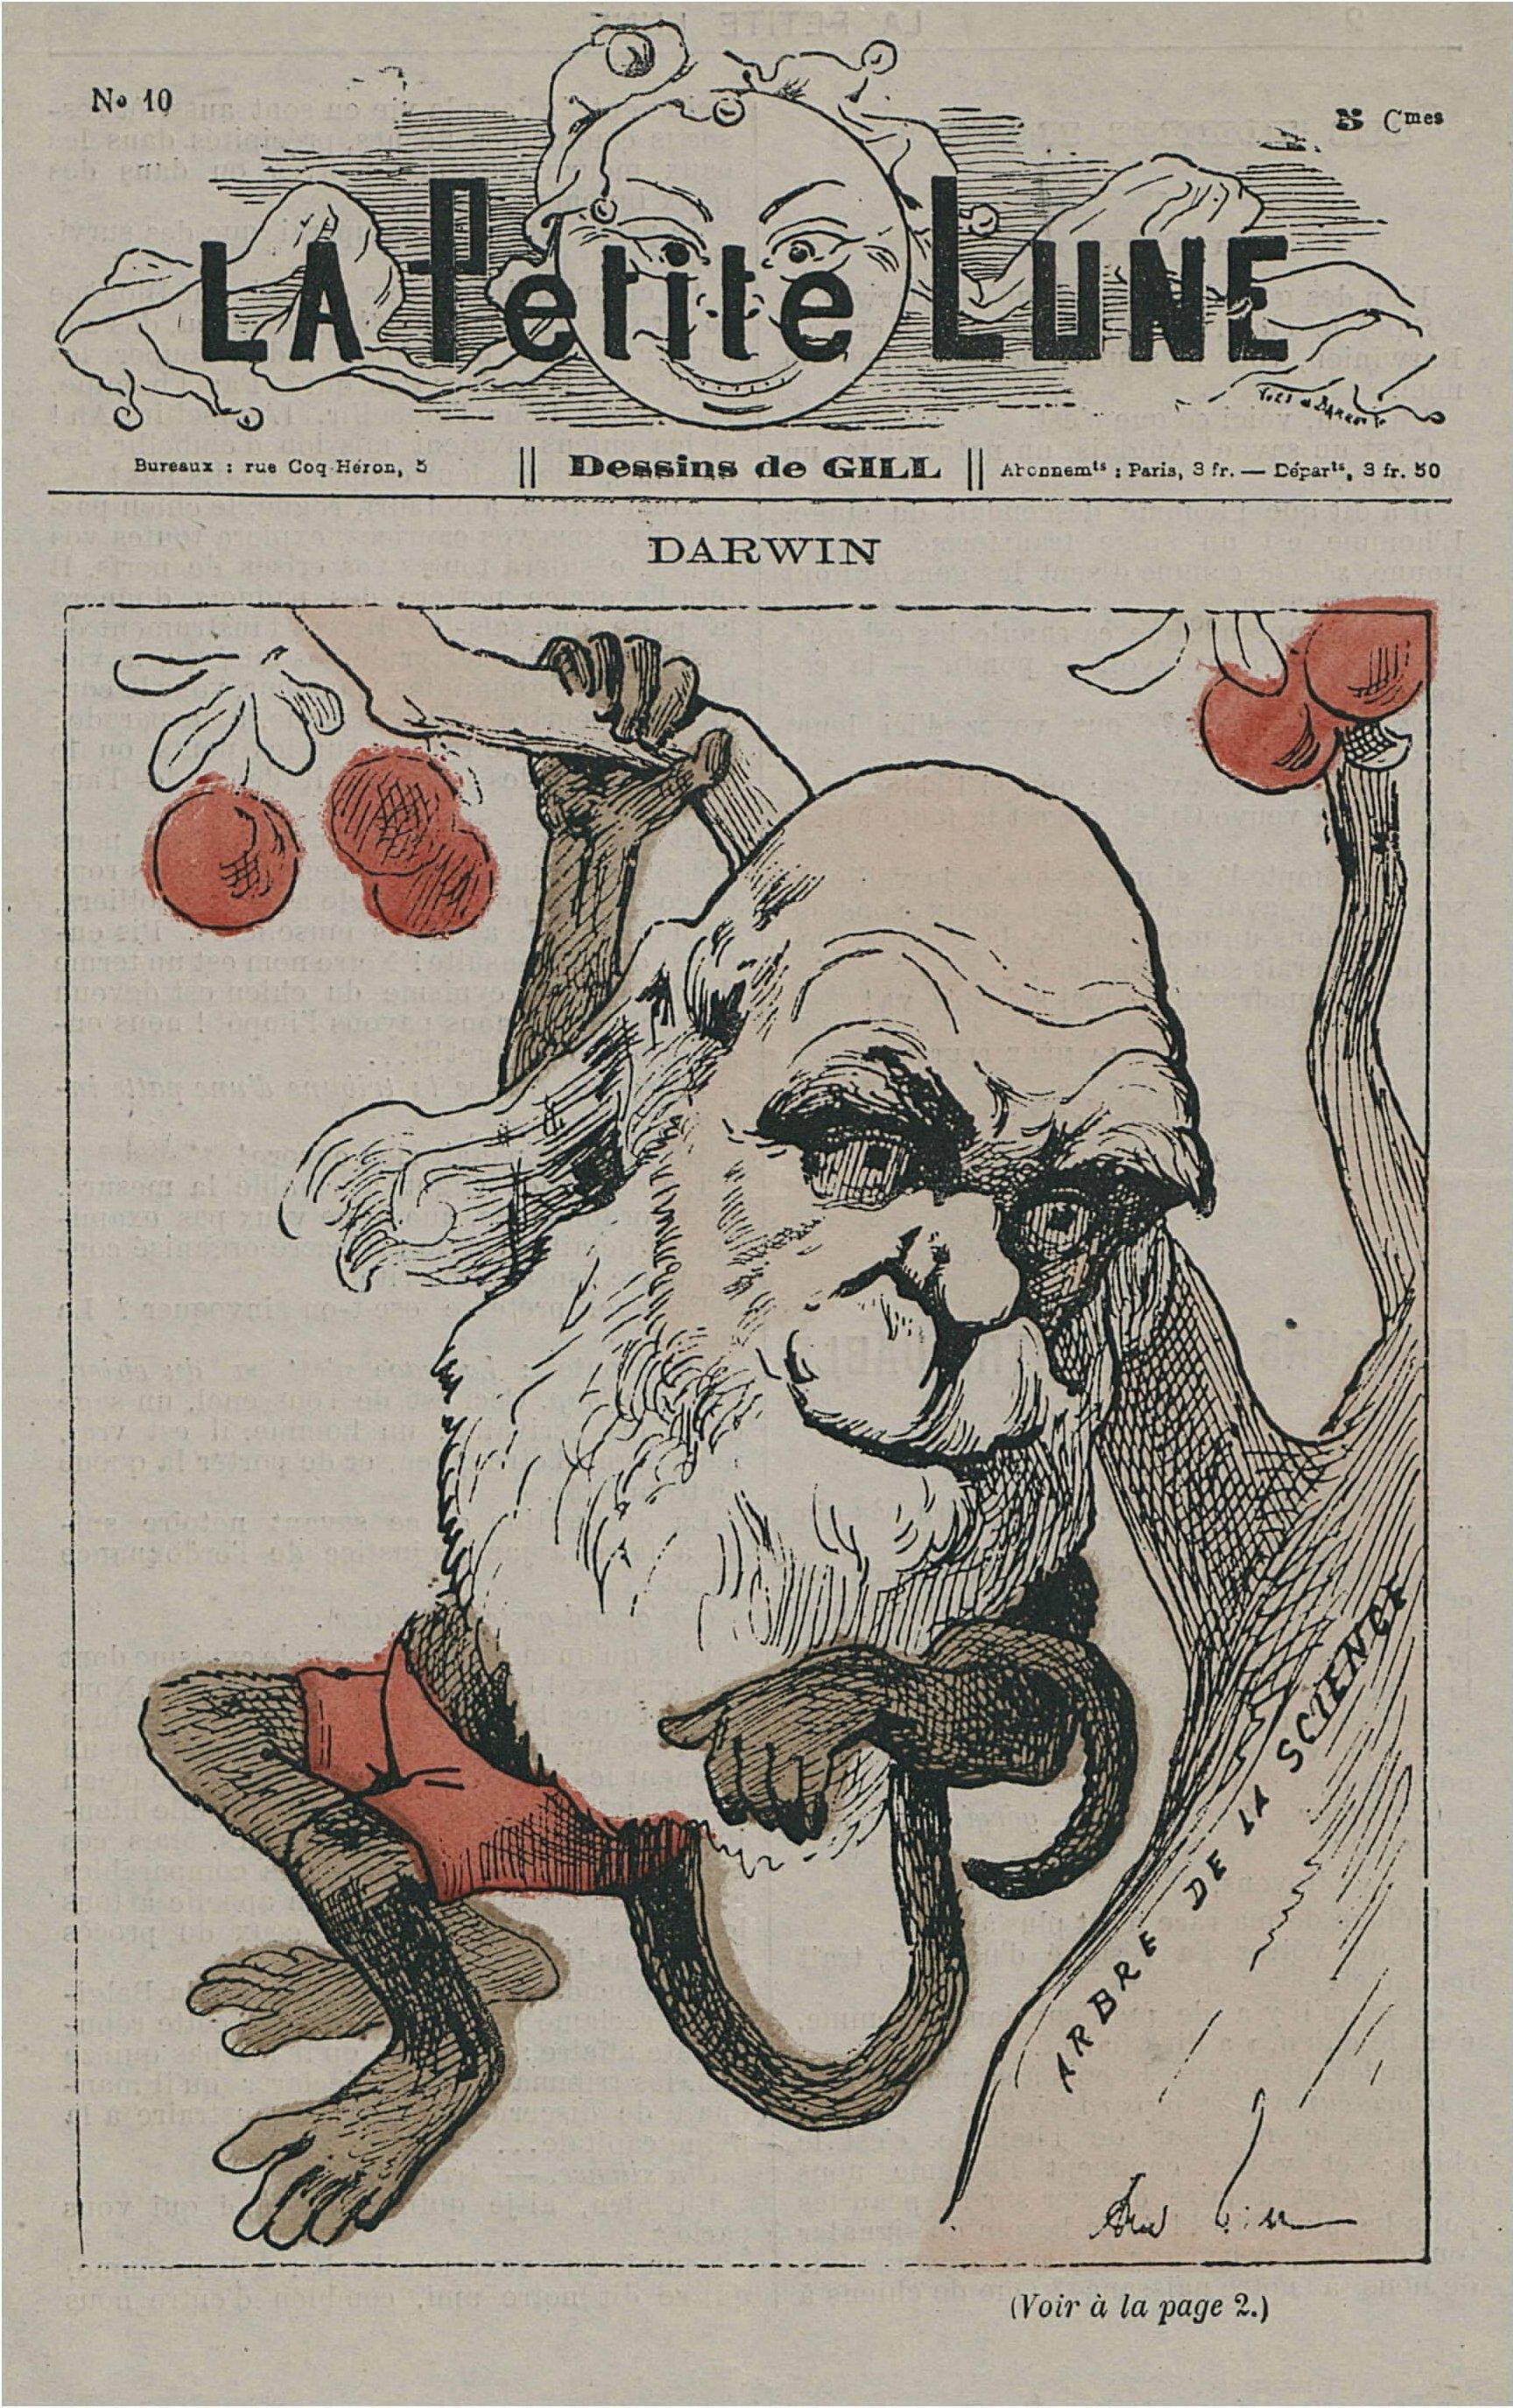 Darwin as monkey on La Petite Lune